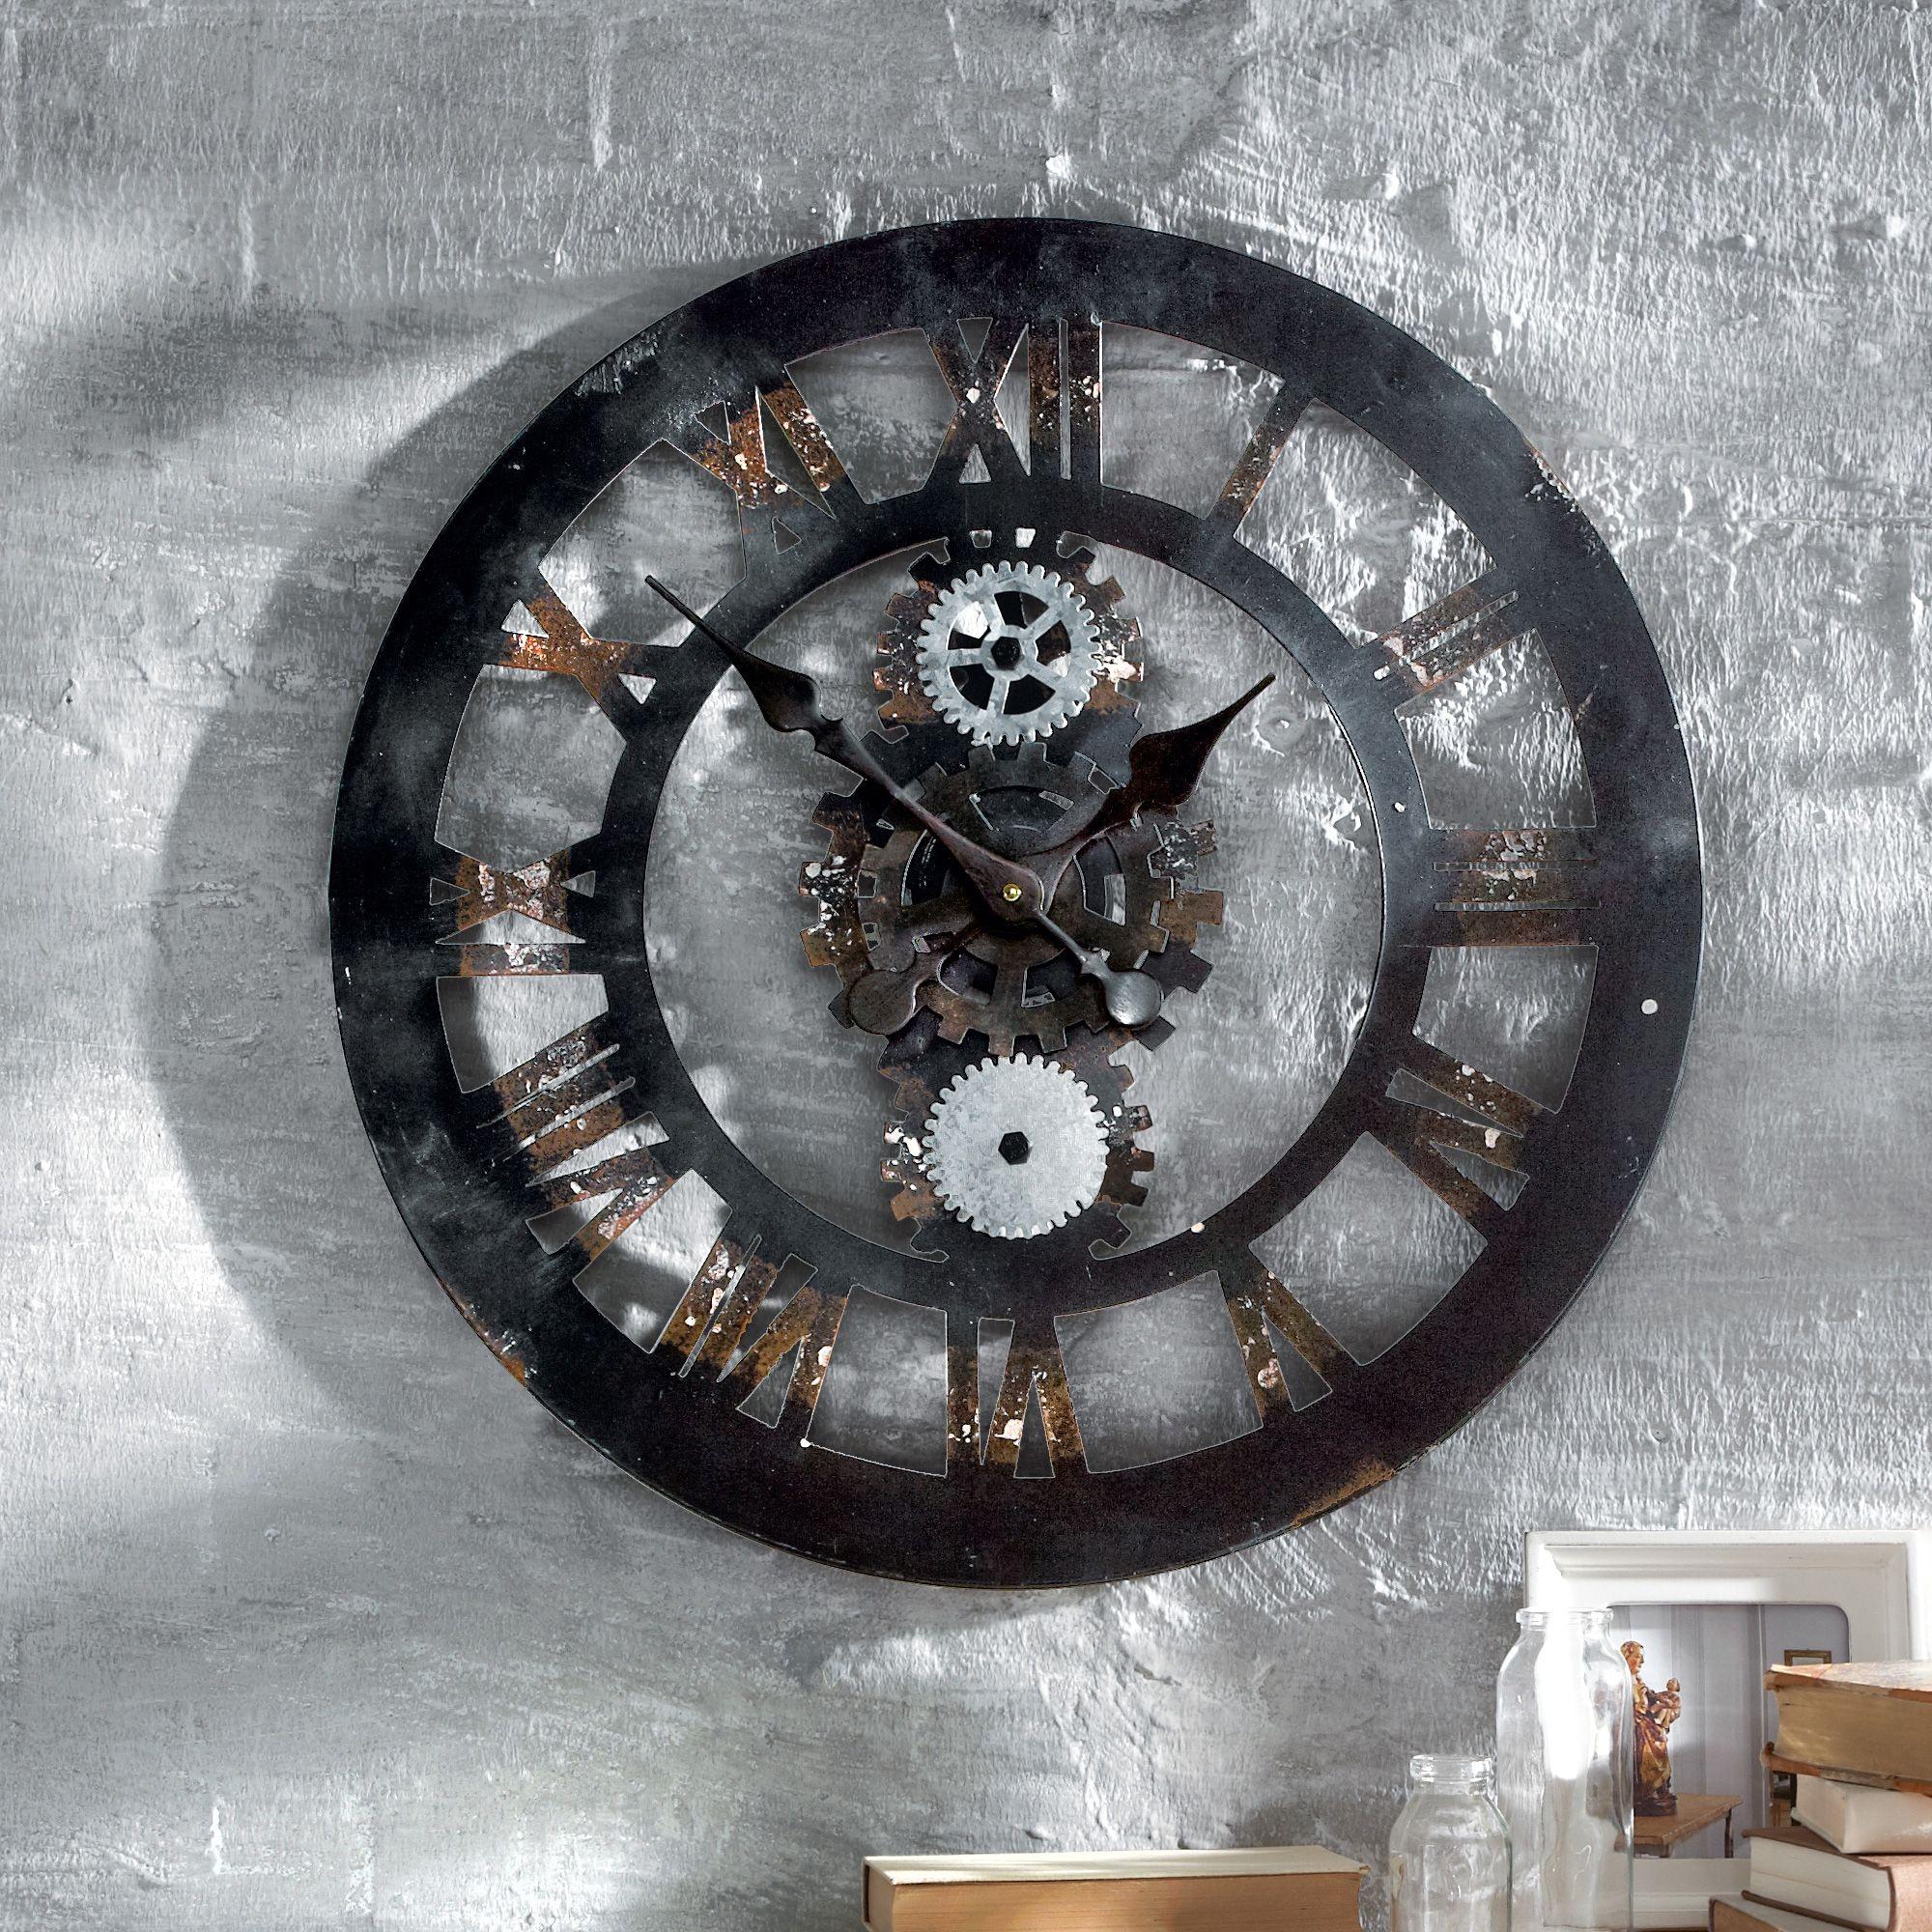 wanduhr zahnrad originelle wanduhr aus metall mit sichtbaren zahnr dern industrial saison. Black Bedroom Furniture Sets. Home Design Ideas